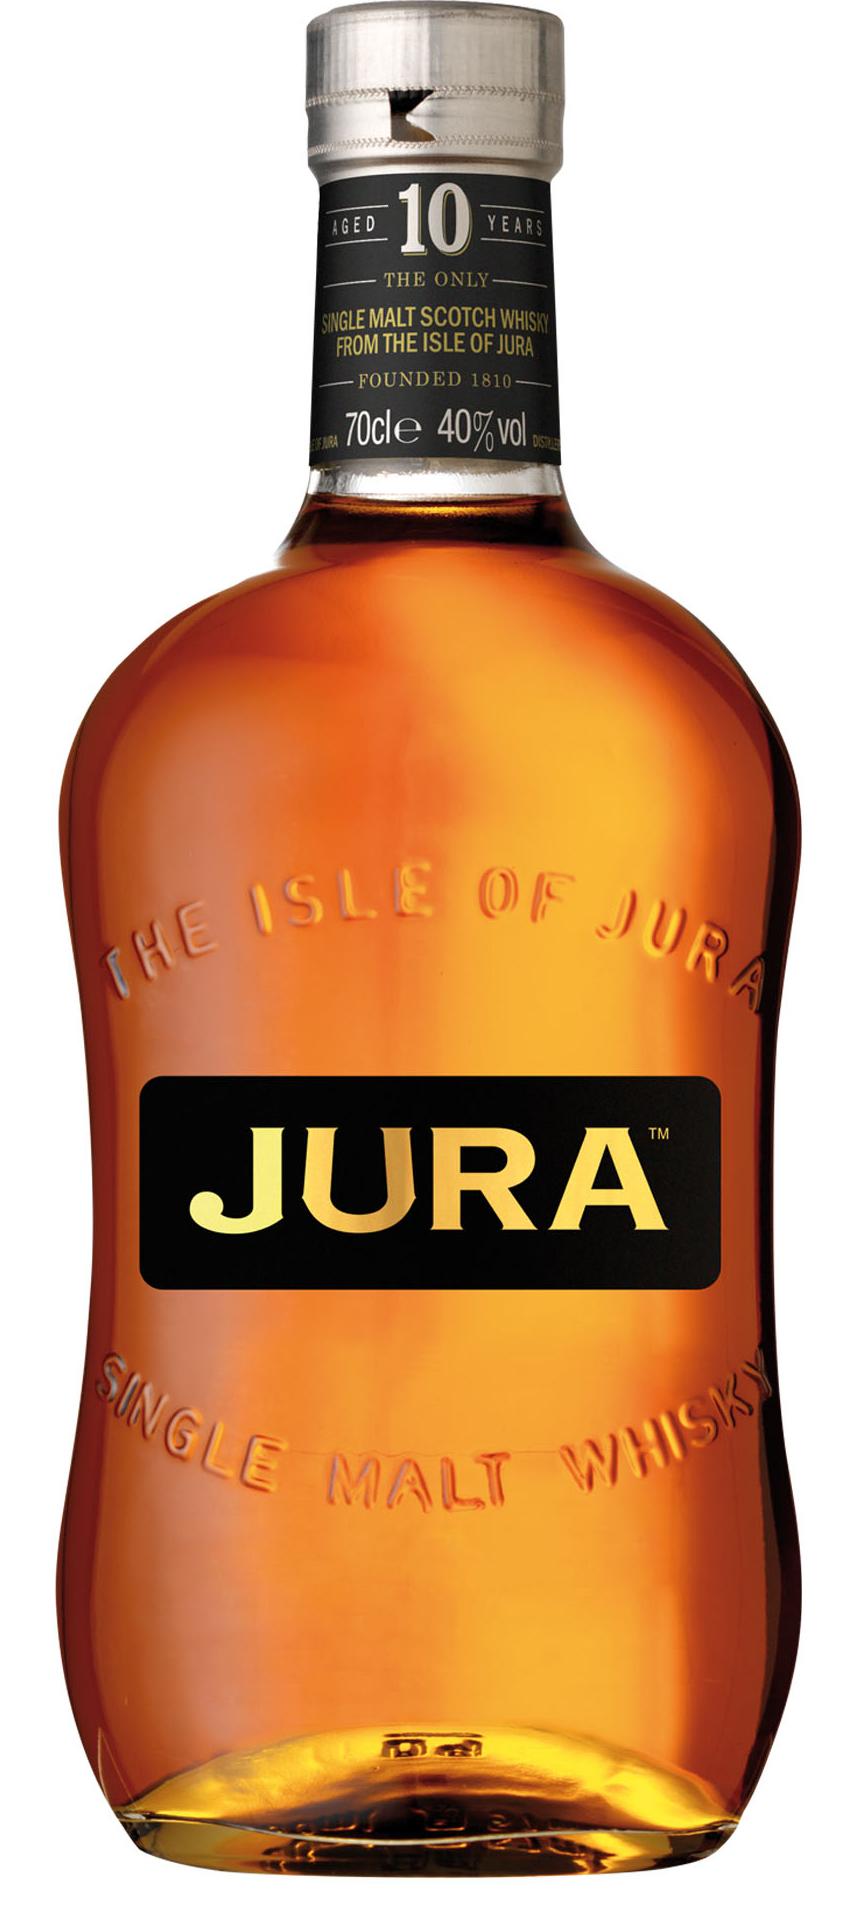 Reiseliv Jura 0910 Flaske.jpg